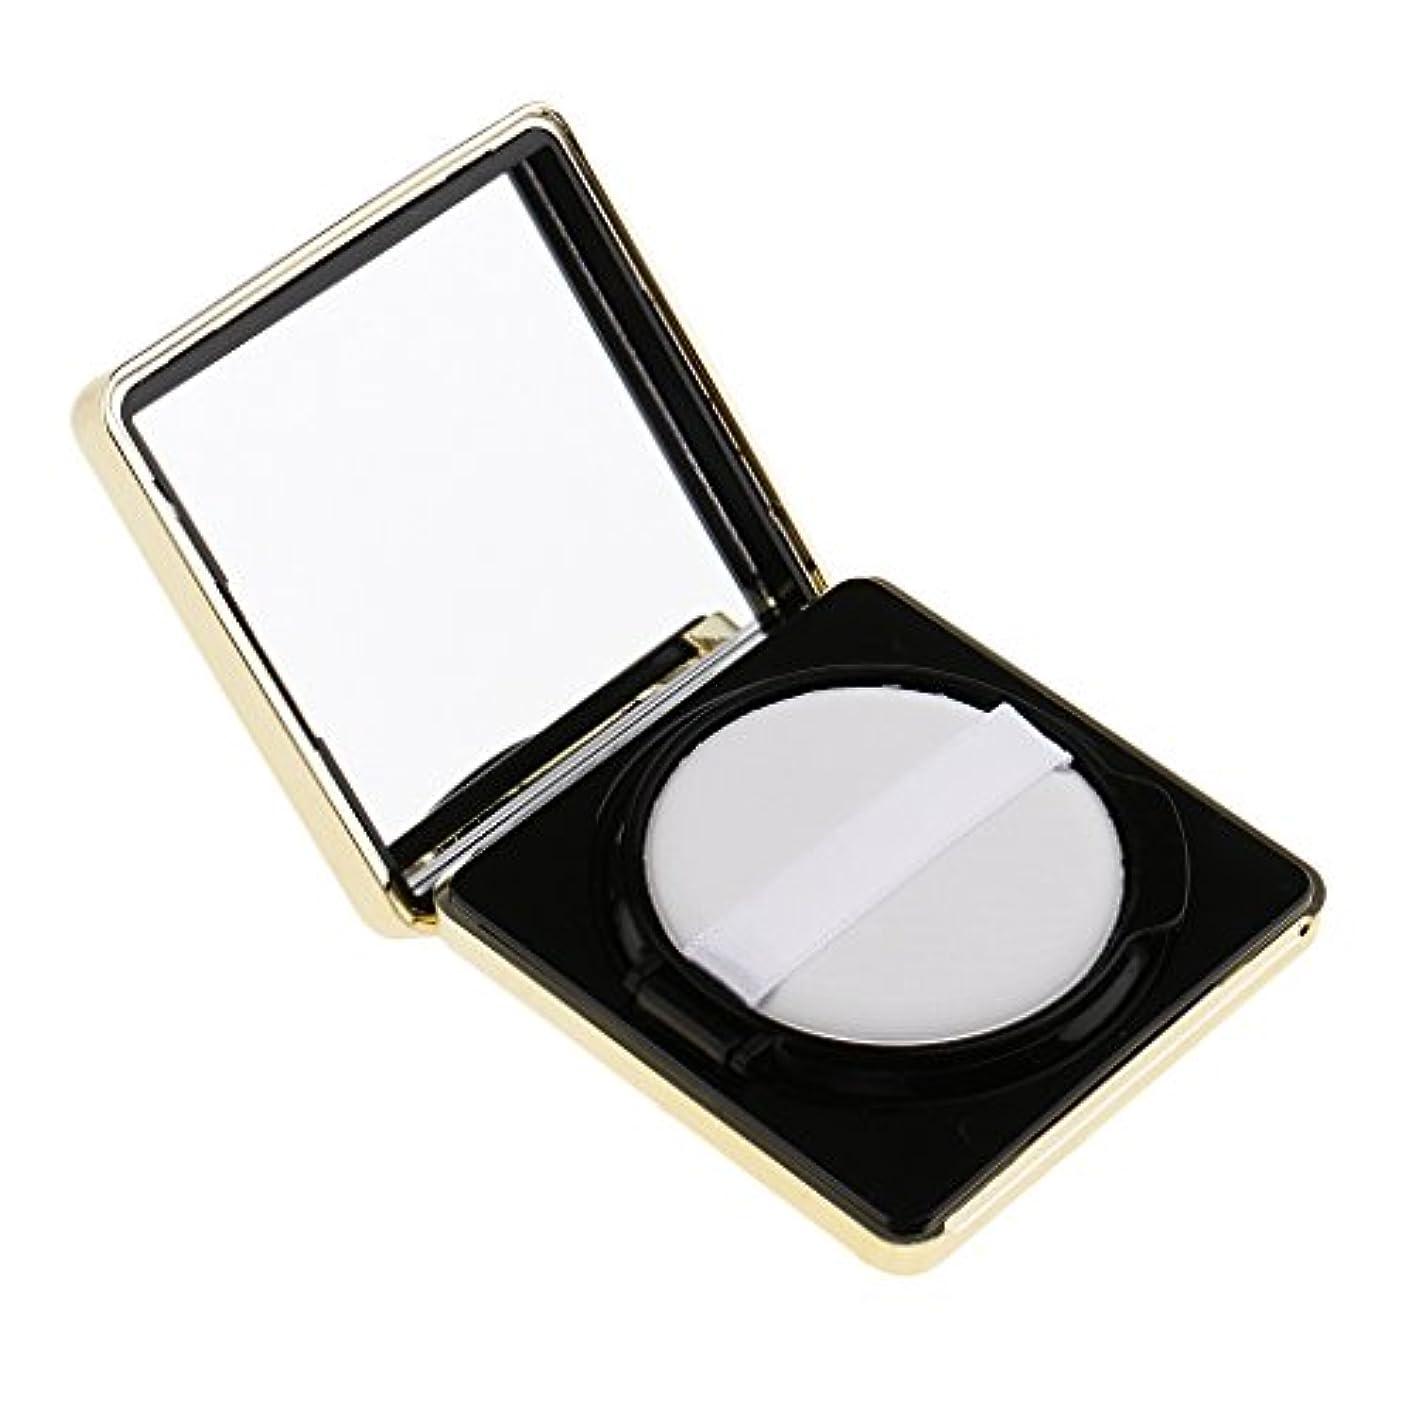 過ち胃真夜中Baosity エアクッションボックス パウダーパフ コスメ パフ 空パレット メイクアップ DIY 化粧品 詰替え 旅行 便利 3色選べる - ブラック